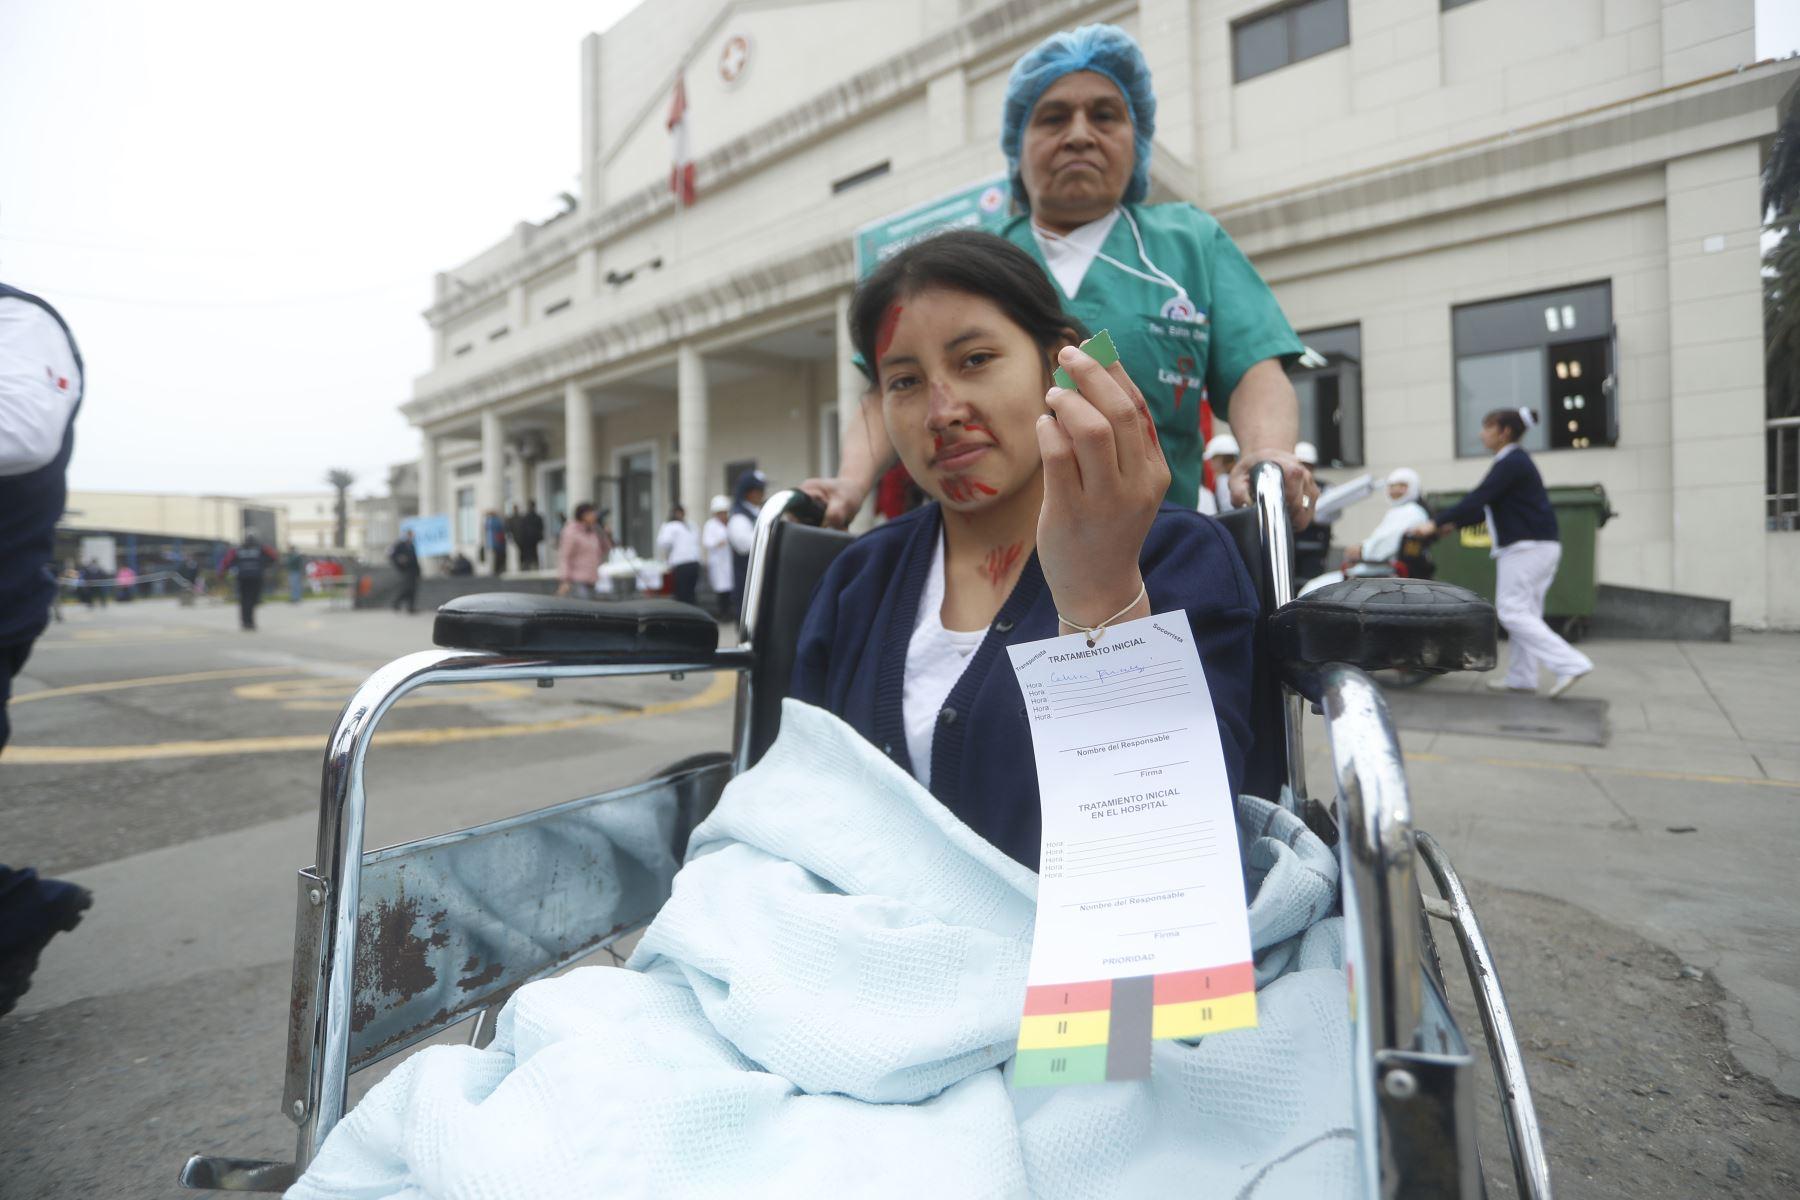 Así se vivió el simulacro nacional de sismo y tsunami en el Hospital Nacional Arzobispo Loayza en Lima. Foto: ANDINA/Josue Ramos